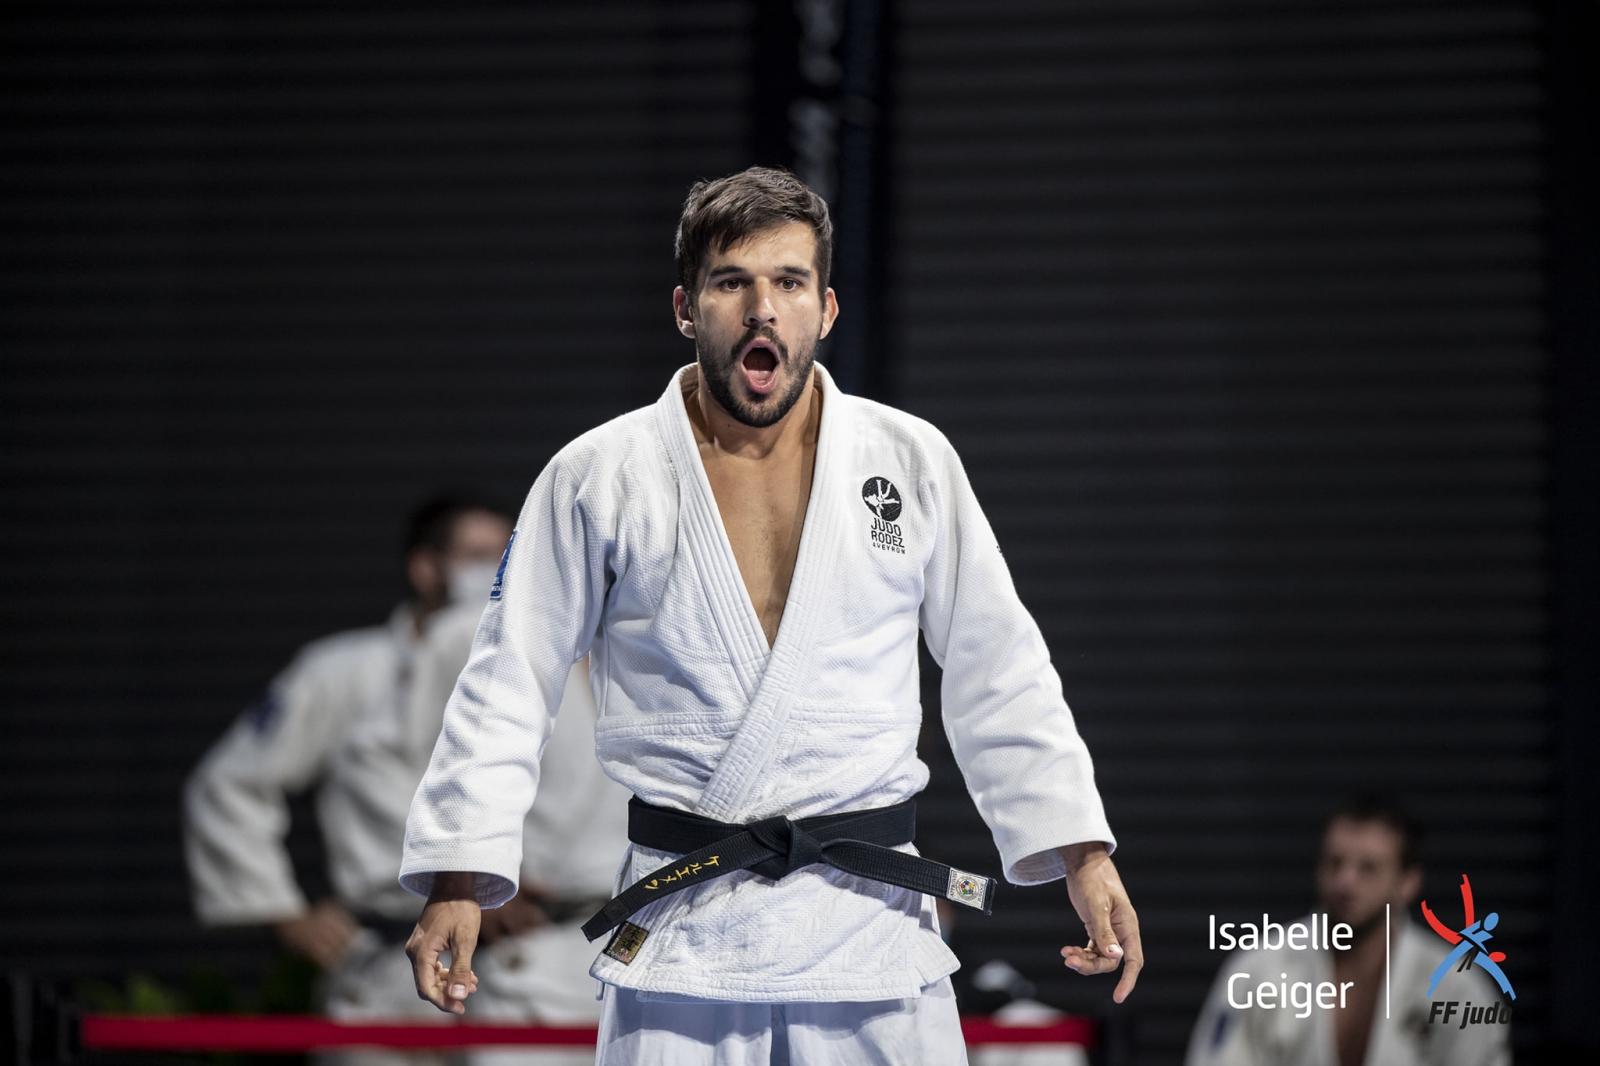 Championnat de France par équipe à Brest - Octobre 2020